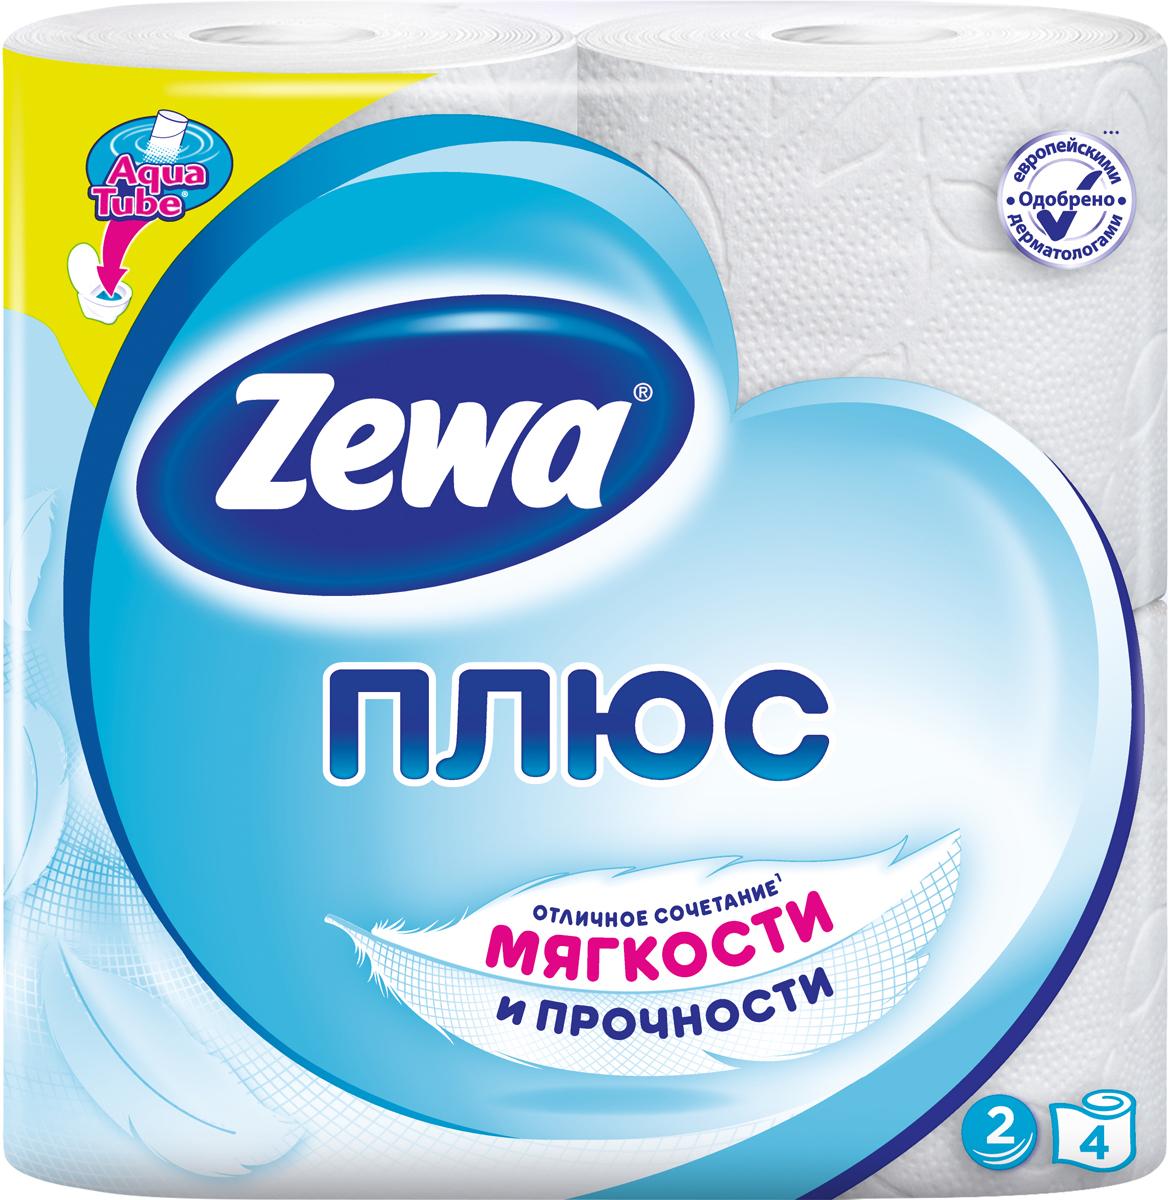 Туалетная бумага Zewa Плюс - это отличное сочетание мягкости и прочности. Она одобрена дерматологами и прекрасно подойдет всем членам вашей семьи – и тем, кому нужна мягкая бумага, и тем, кому важна прочность. Позаботьтесь о себе и своих близких вместе с Zewa.   Со смываемой втулкой Aqua Tube!  Белая 2-х слойная туалетная бумага без аромата.  4 рулона в упаковке. Состав: вторичное сырье.  Производство: Россия